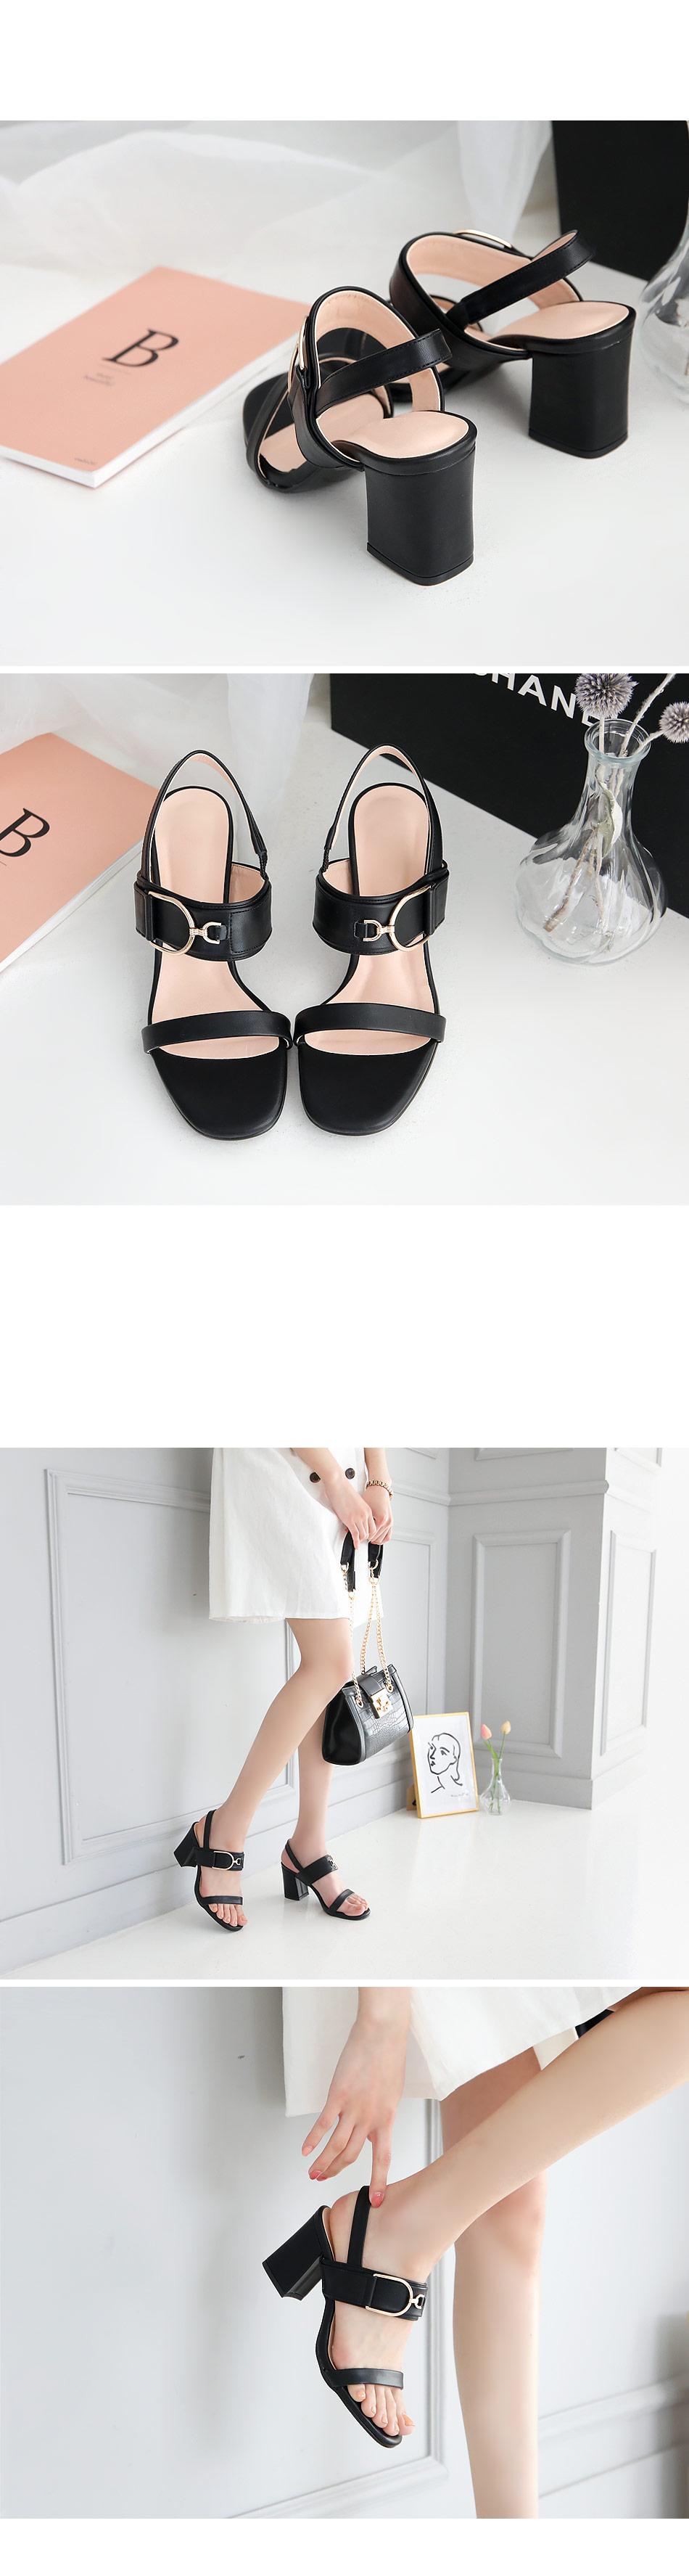 Lenny Rose Slingback Sandals Heel 7cm